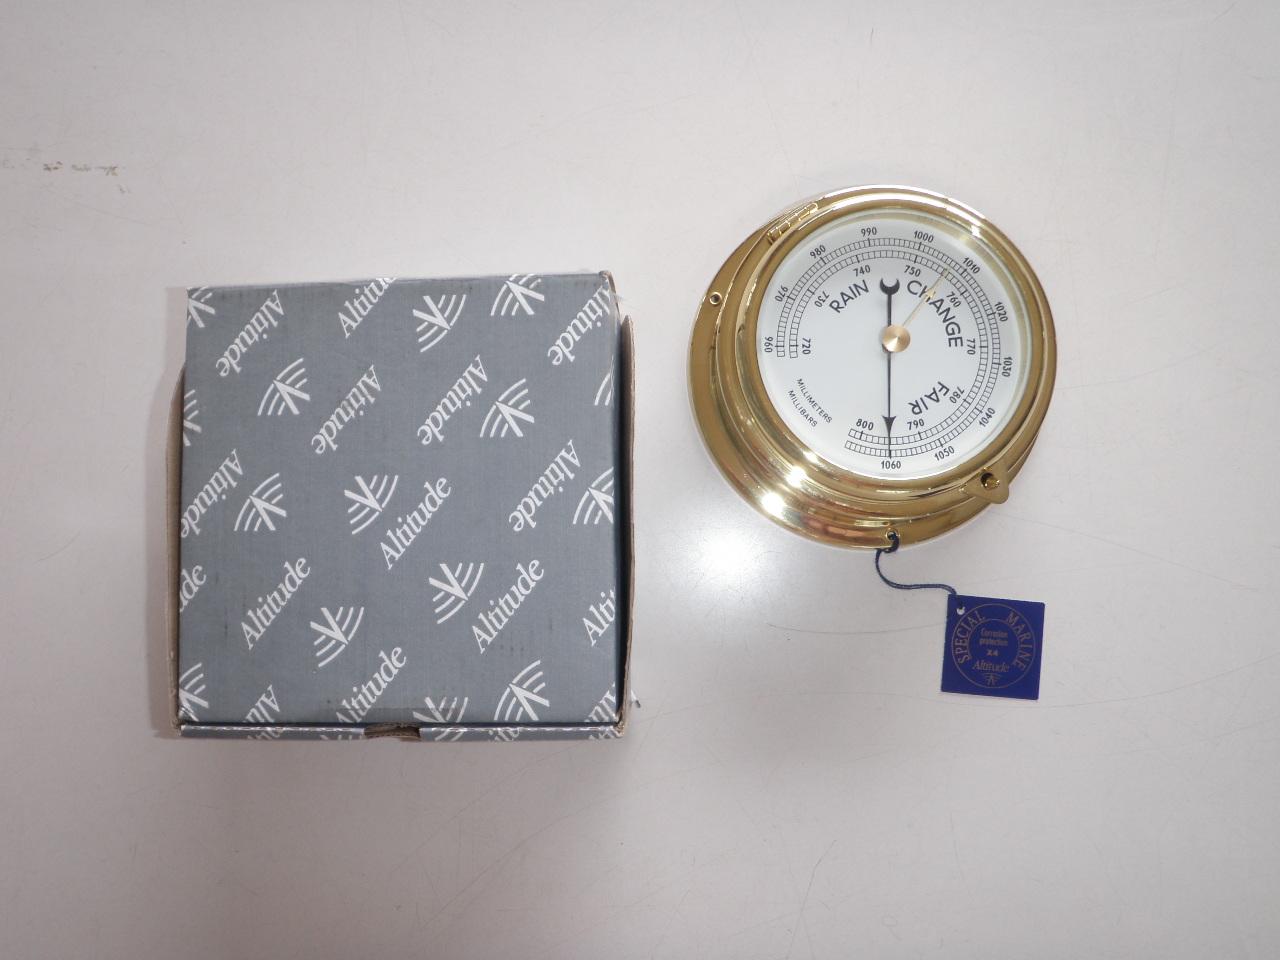 バロメーター(気圧計)